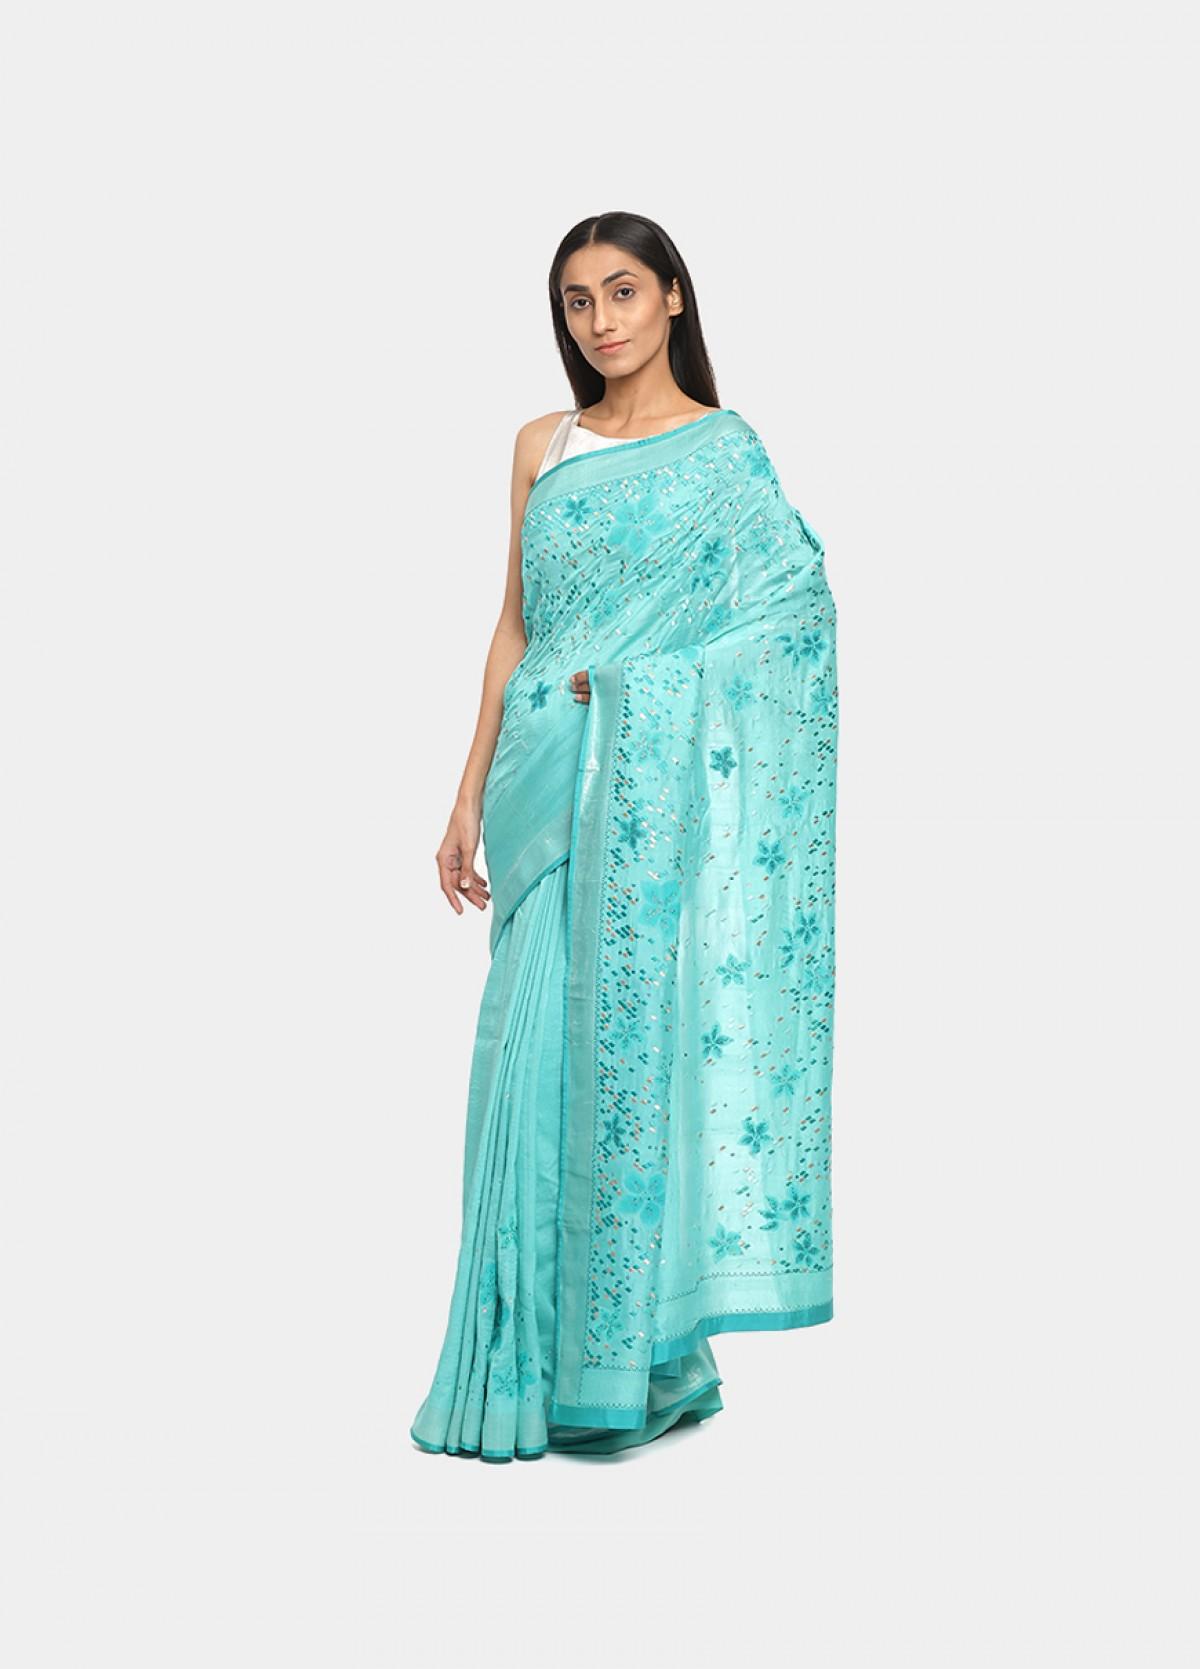 The Cityscape Blossoms Sari